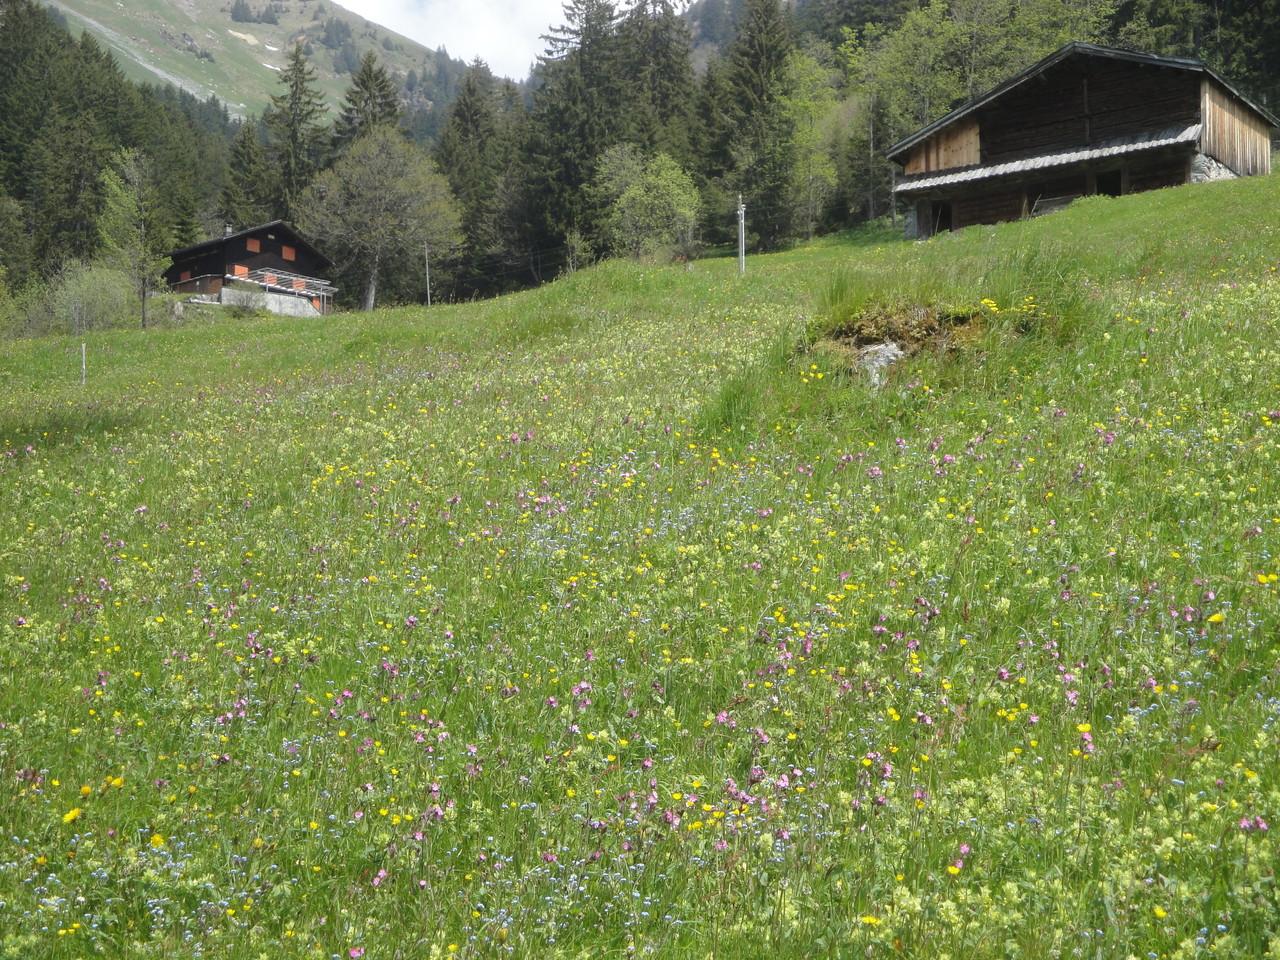 Skihaus in der Ferne